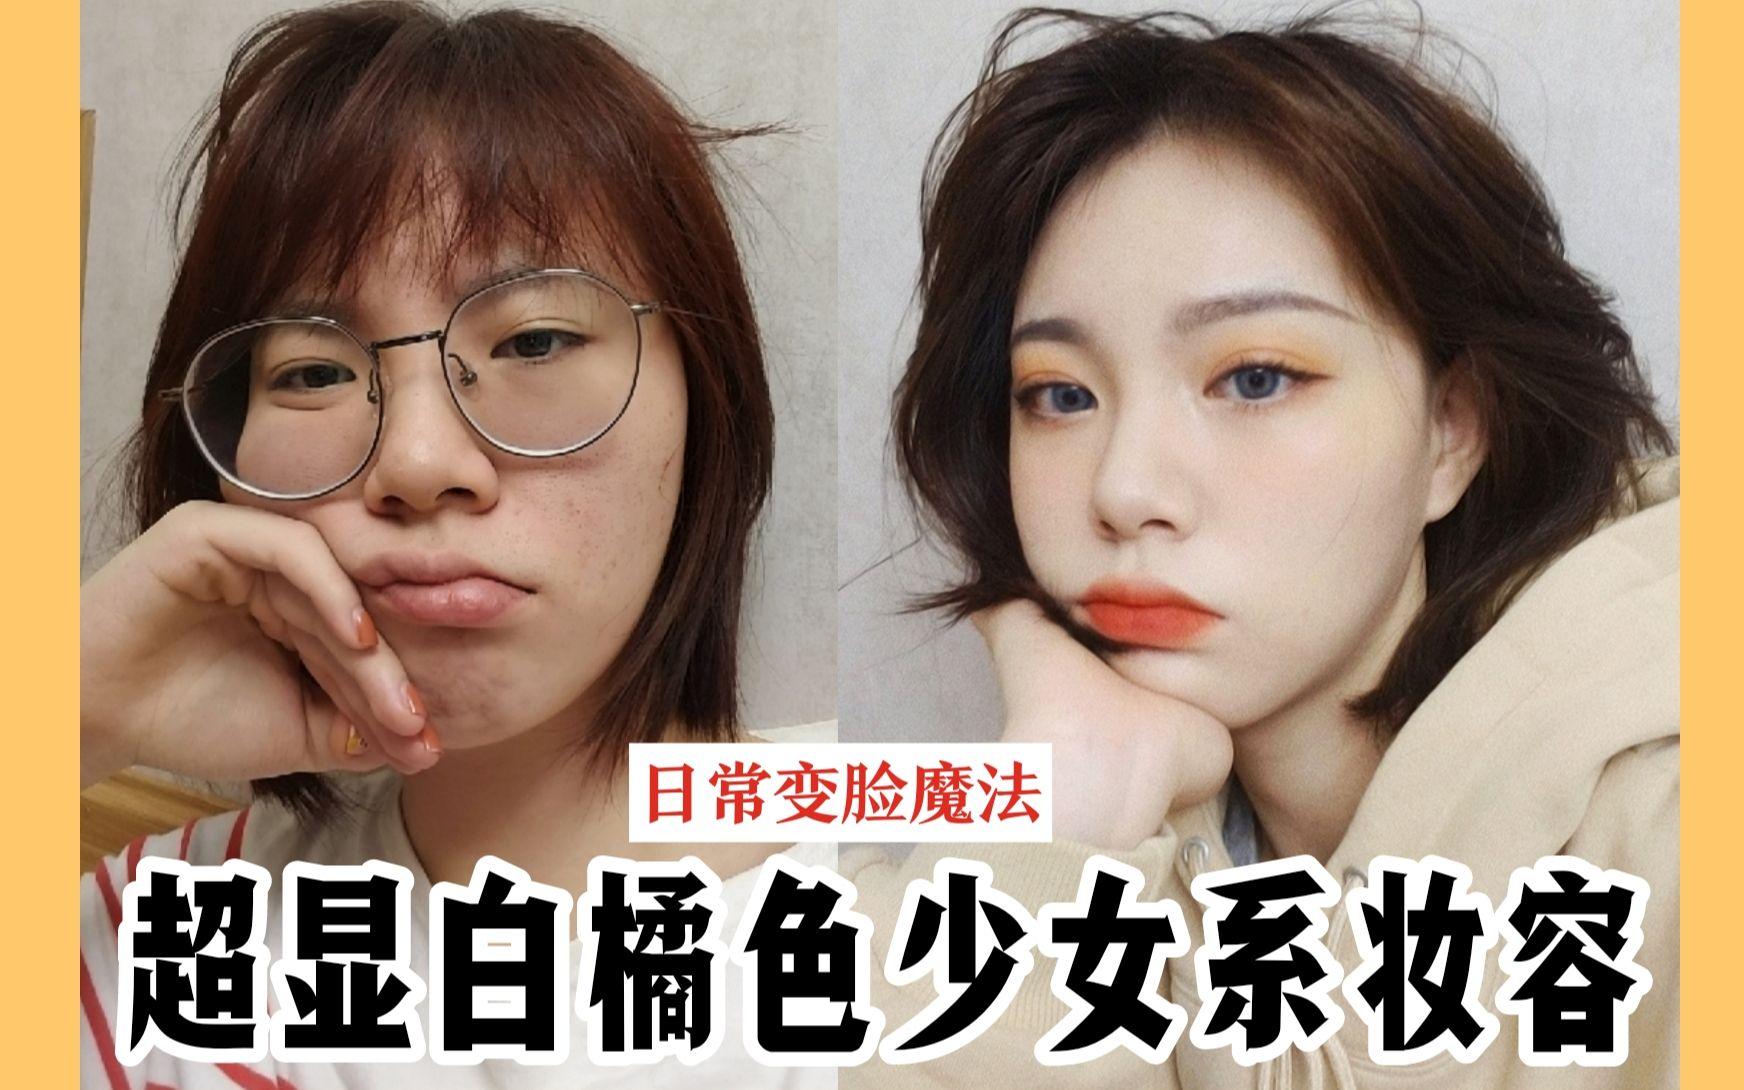 【嫂】超显白橘子少女日常妆   烂脸期最爱的妆容分享 